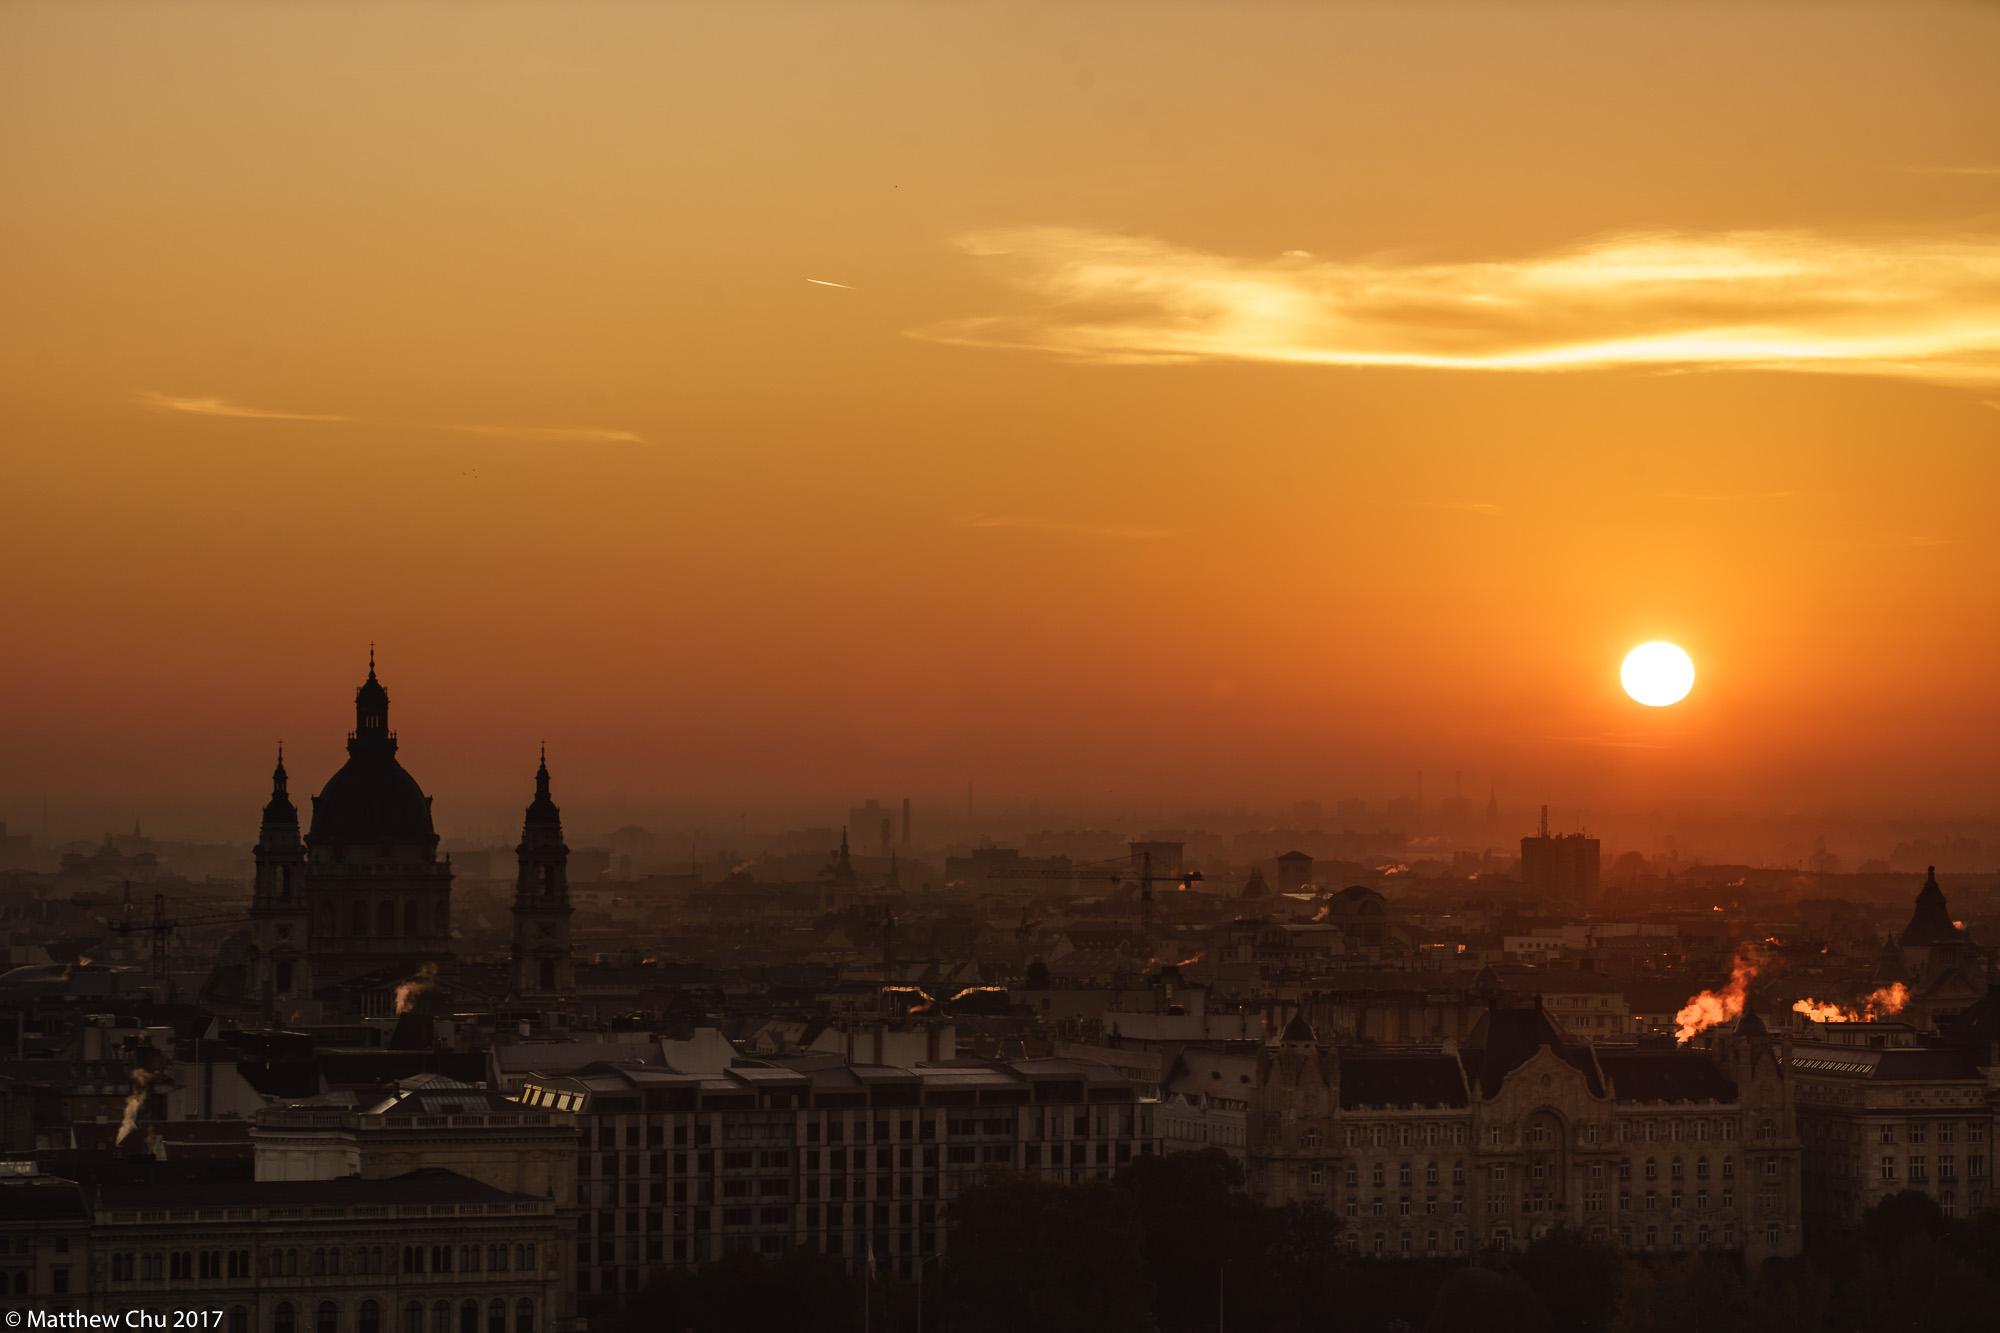 Budapest sunrise from Fisherman's Bastion, Hungary